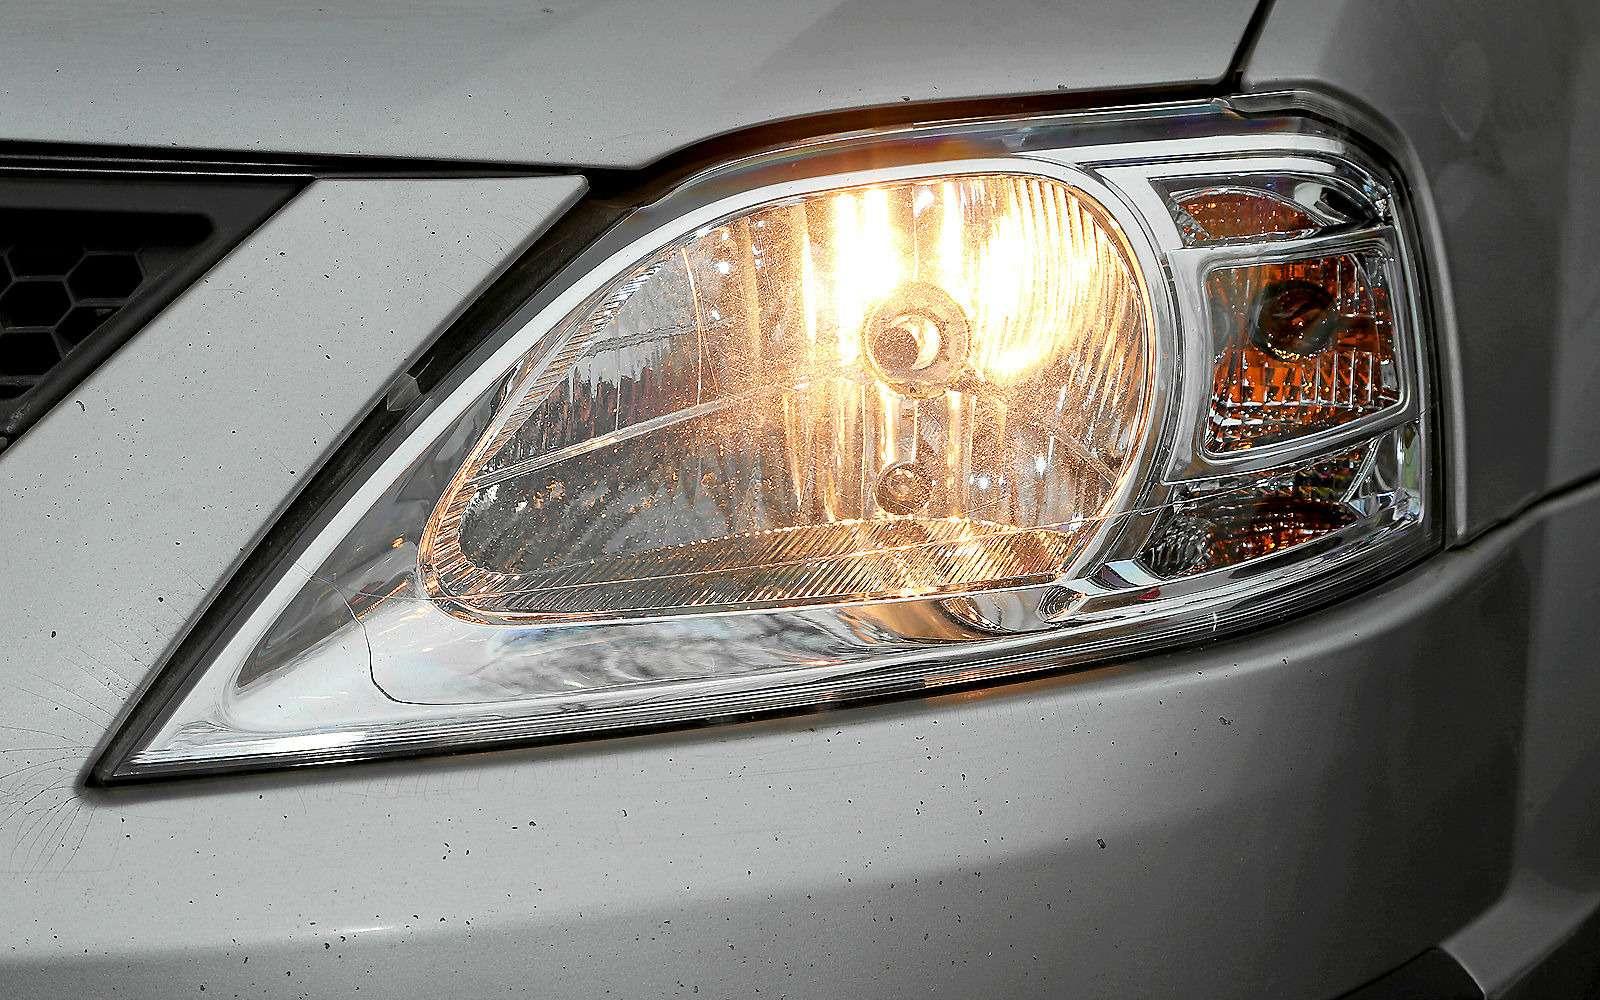 Lada Largus навторичке: неубиваемая подвеска икапризная электрика— фото 1211923